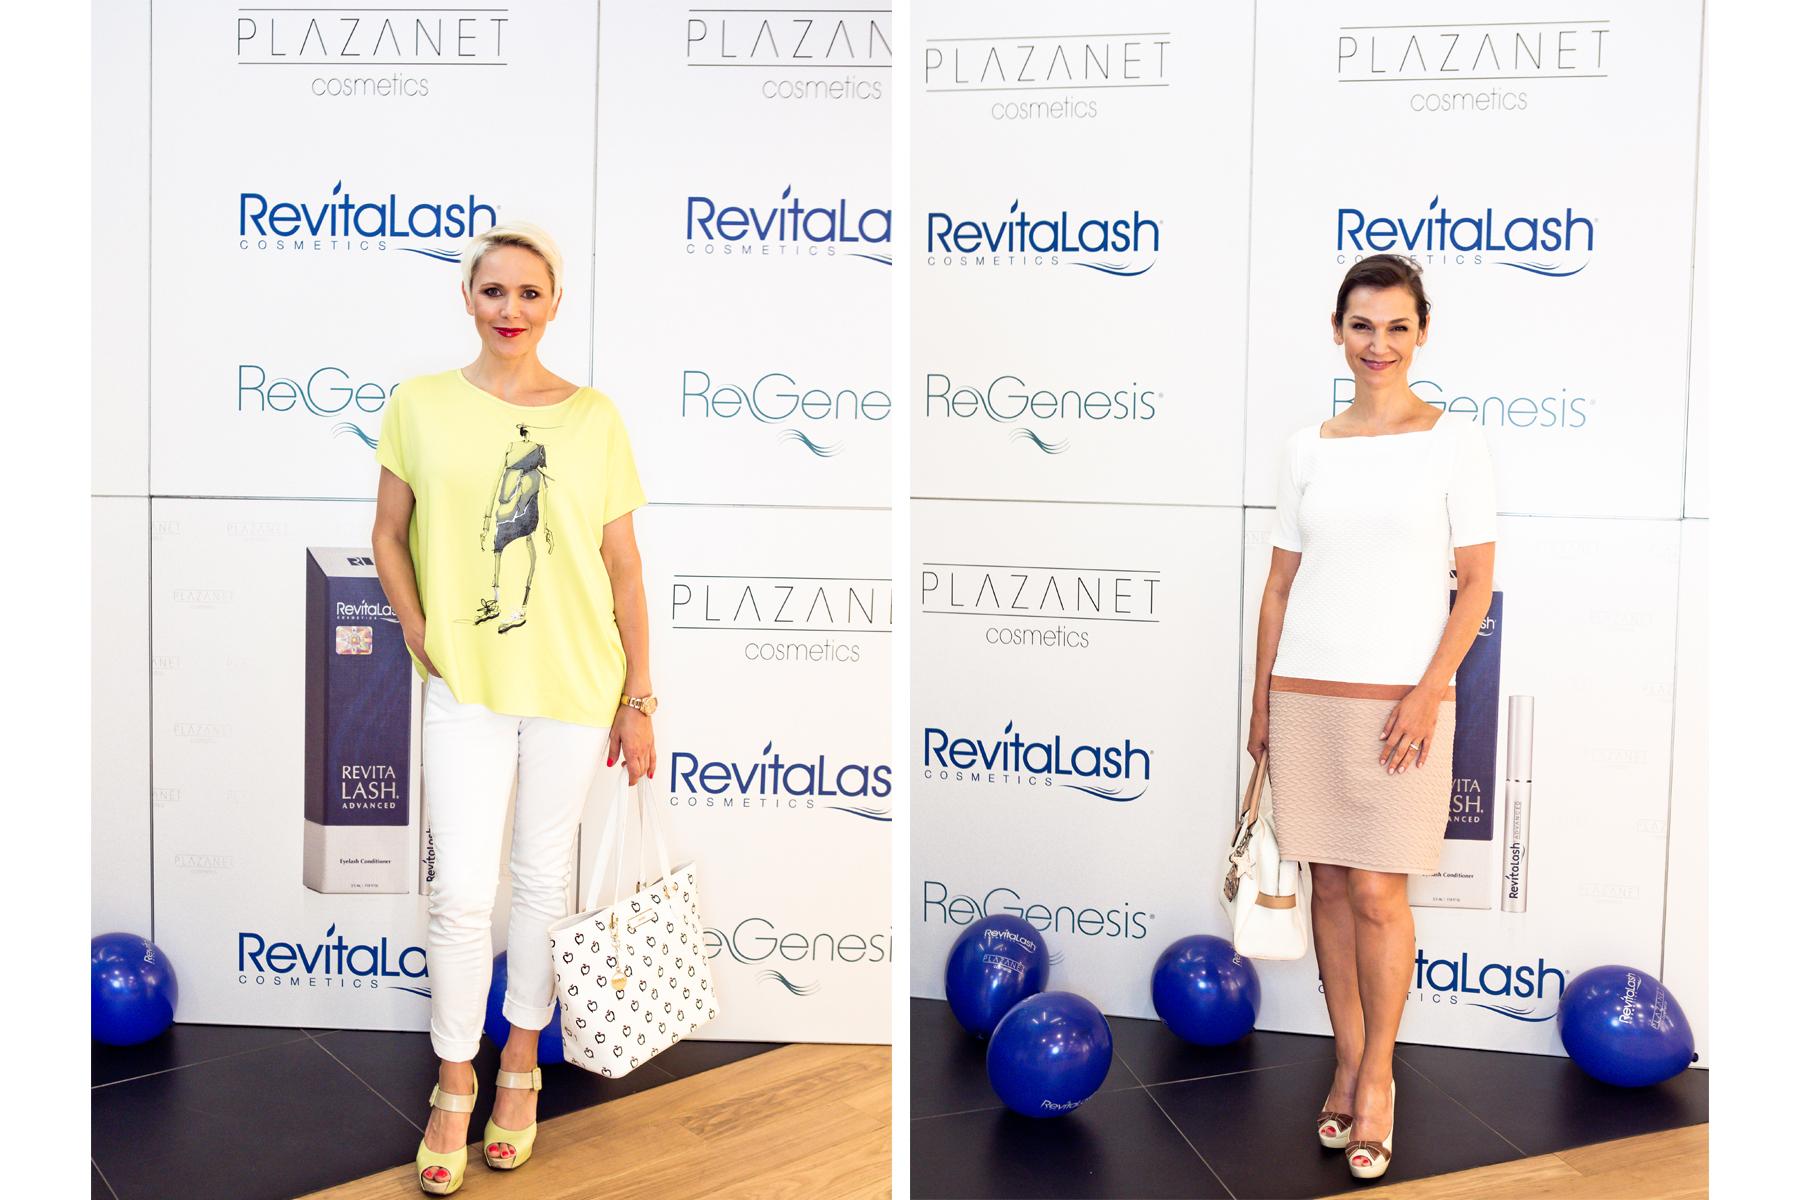 fotoreportaż_z_targów_i_eventów_-_branża_kosmetyczna_006